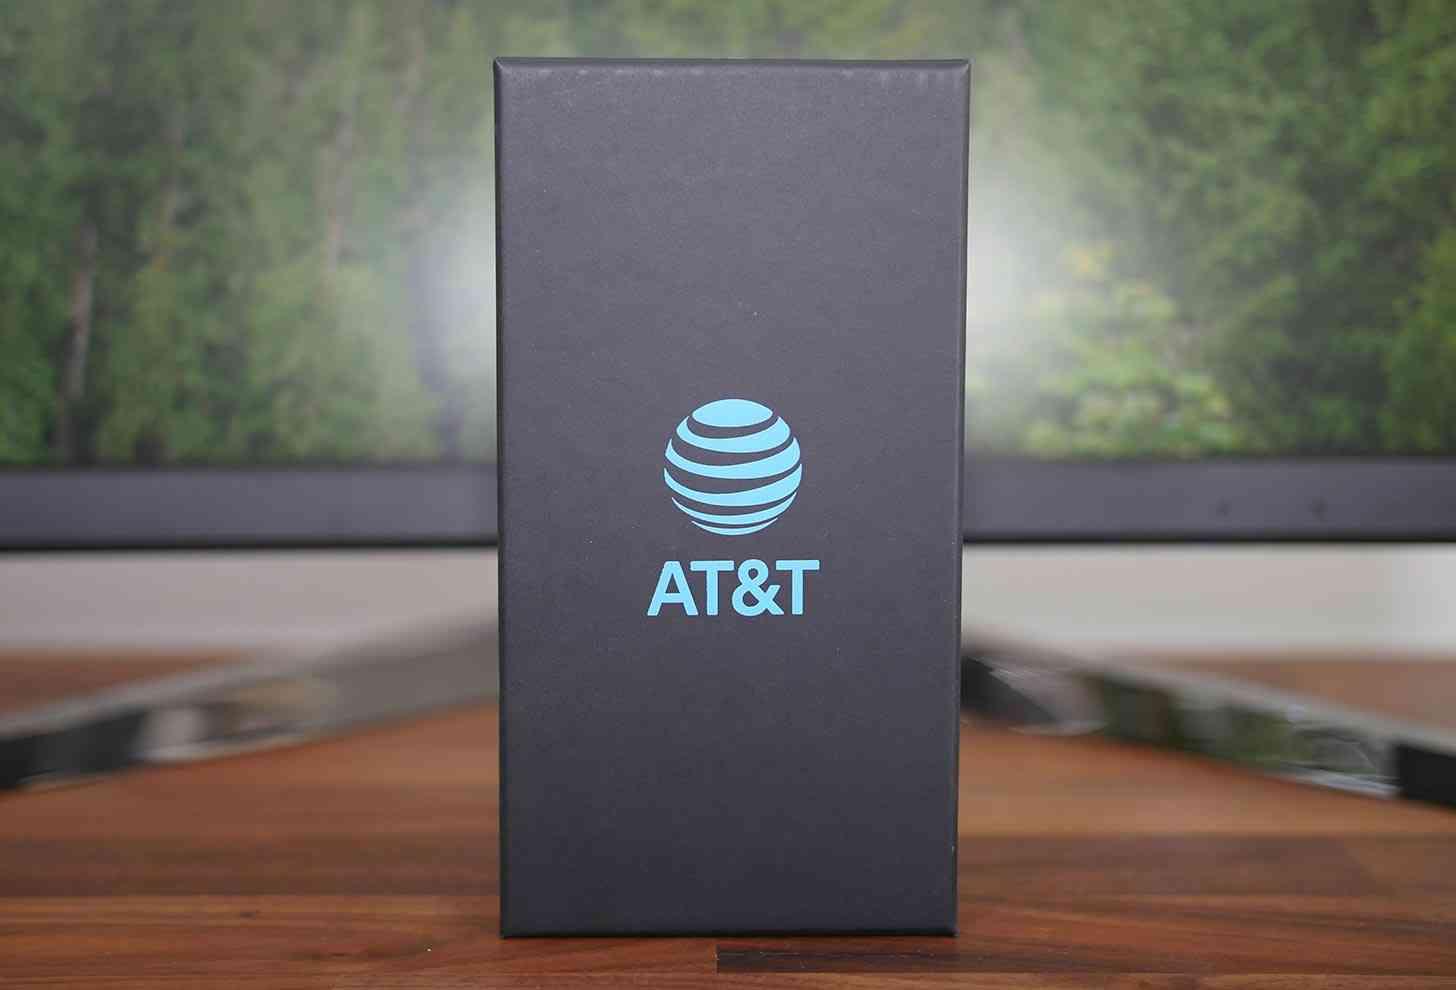 AT&T logo box